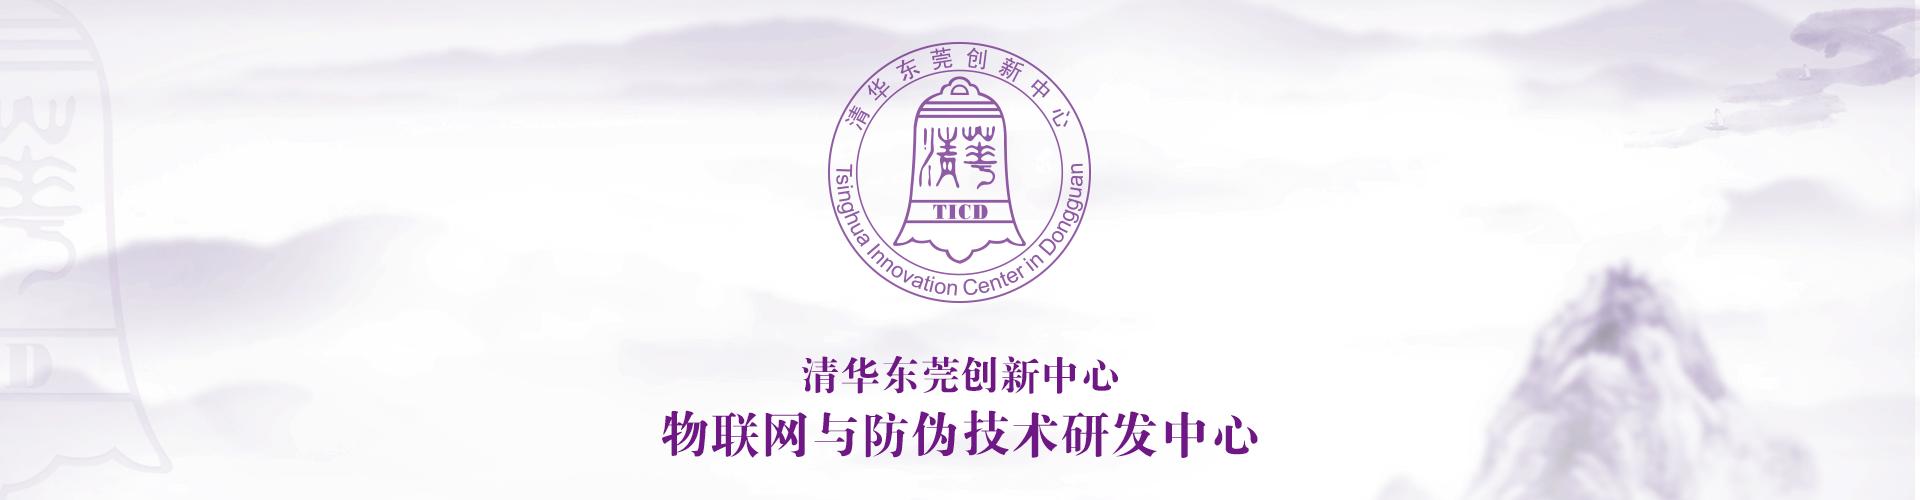 清華東莞創新中心